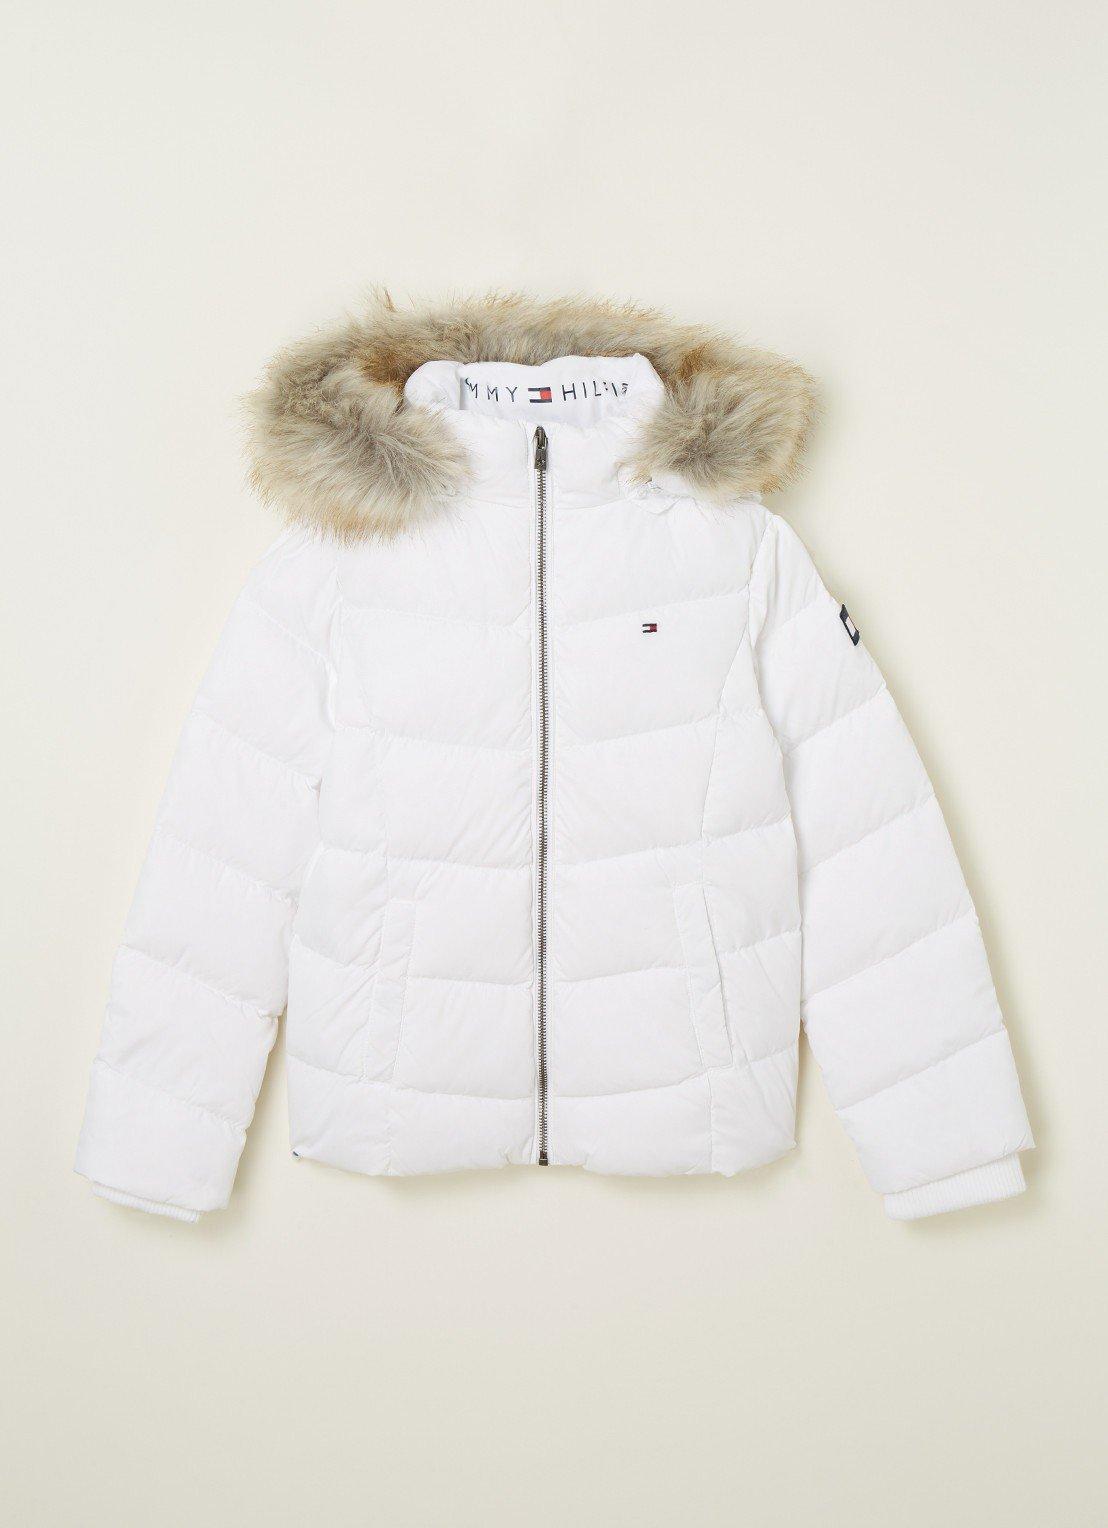 Witte winterjas van Tommy Hilfiger